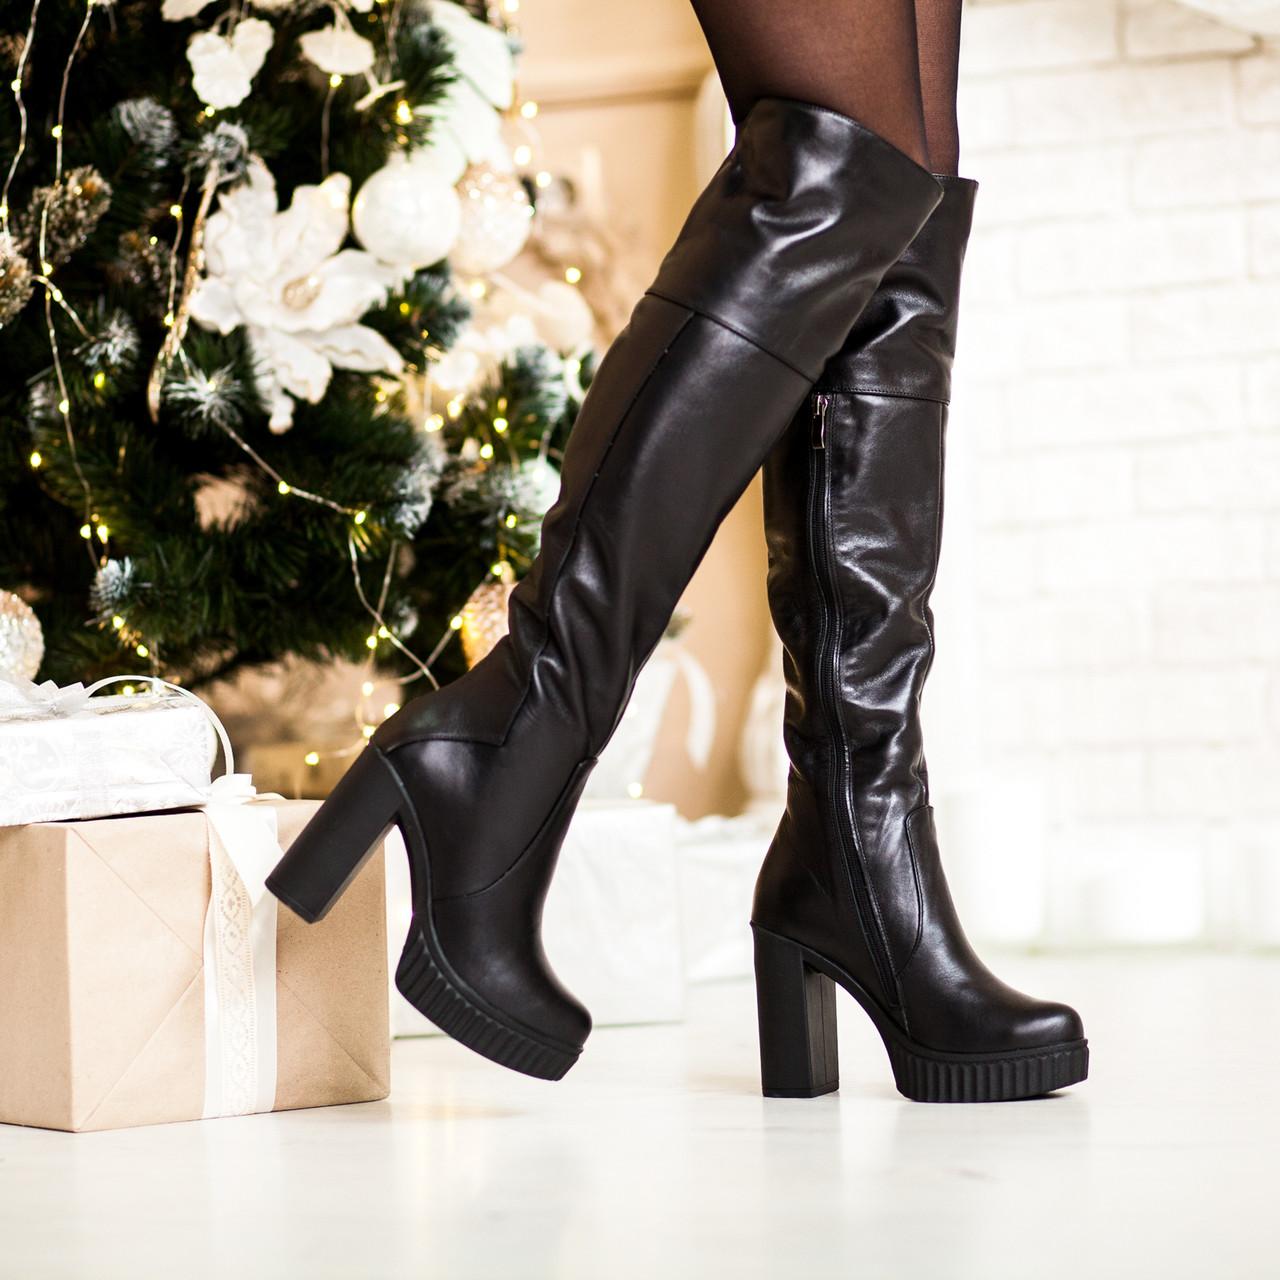 949a652be814 Женские зимние кожаные сапоги ботфорты на высоком толстом каблуке евро -  зима - VK-Style